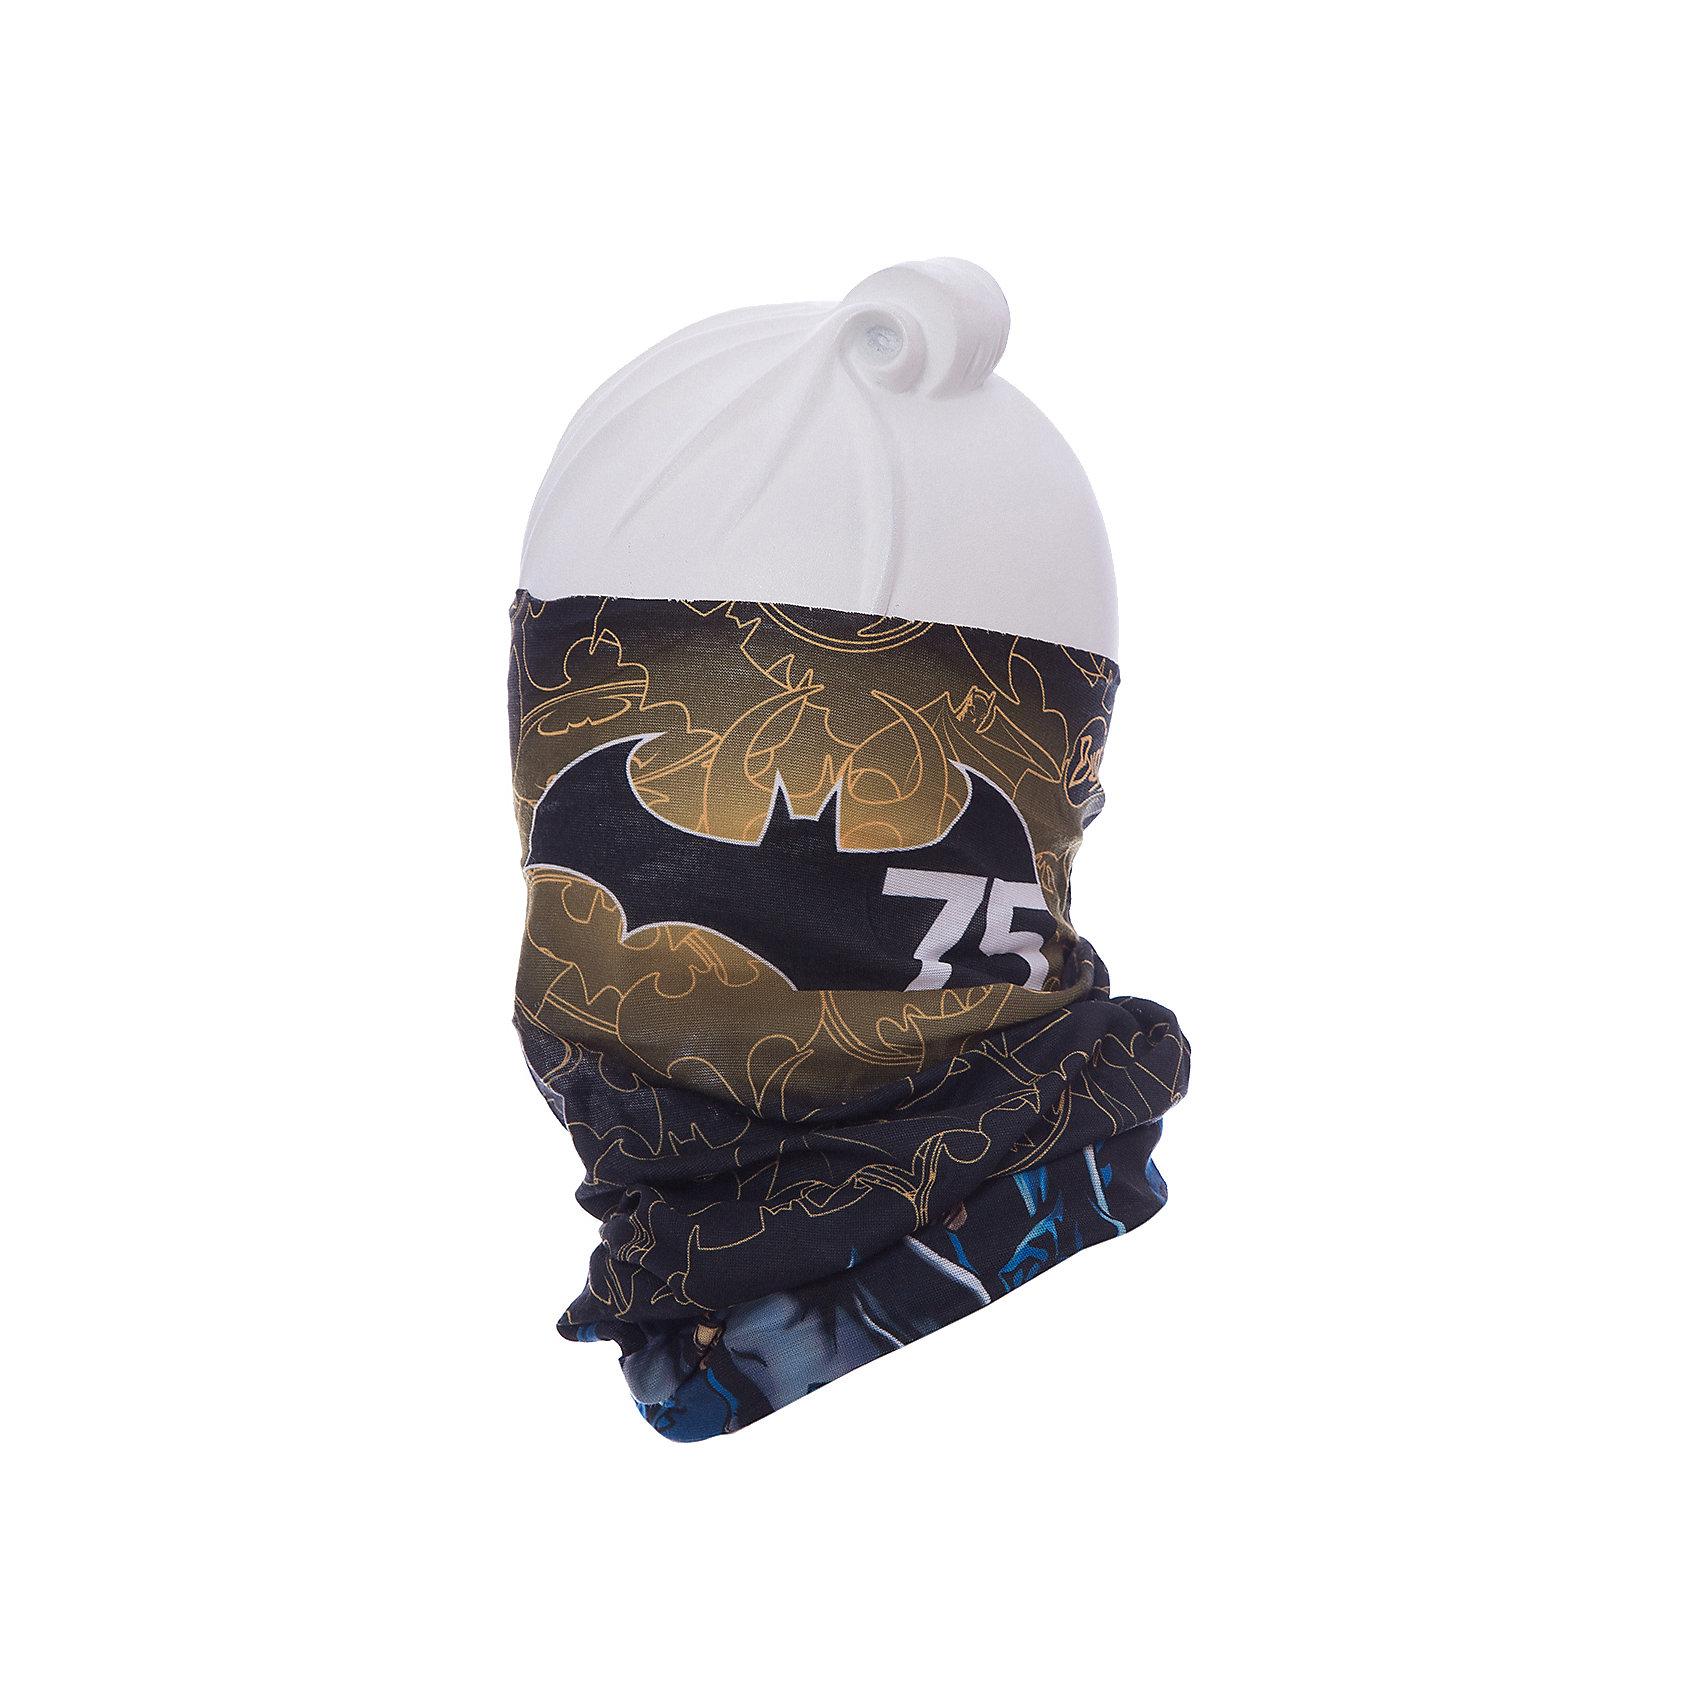 Бандана BUFFГоловные уборы<br>Бандана BUFF <br>Бесшовная бандана-труба из специальной серии Original BUFF. Original BUFF - самый популярный универсальный головной убор из всех серий. <br><br>Сделан из микрофибры - защищает от ветра, пыли, влаги и ультрафиолета. Контролирует микроклимат в холодную и теплую погоду, отводит влагу. Ткань обработана ионами серебра, обеспечивающими длительный антибактериальный эффект и предотвращающими появление запаха. Допускается машинная и ручная стирка при 30-40градусах. Материал не теряет цвет и эластичность, не требует глажки. <br><br>Original BUFF можно носить на шее и на голове, как шейный платок, маску, бандану, шапку и подшлемник. <br><br>Свойства материала позволяют использовать бандану Original BUFF в любое время года, при занятиях любым видом спорта, активного отдыха, туризма или рыбалки.<br>Состав:<br>Полиэстер 100%<br><br>Ширина мм: 89<br>Глубина мм: 117<br>Высота мм: 44<br>Вес г: 155<br>Цвет: синий<br>Возраст от месяцев: 84<br>Возраст до месяцев: 1188<br>Пол: Унисекс<br>Возраст: Детский<br>Размер: one size<br>SKU: 5568599